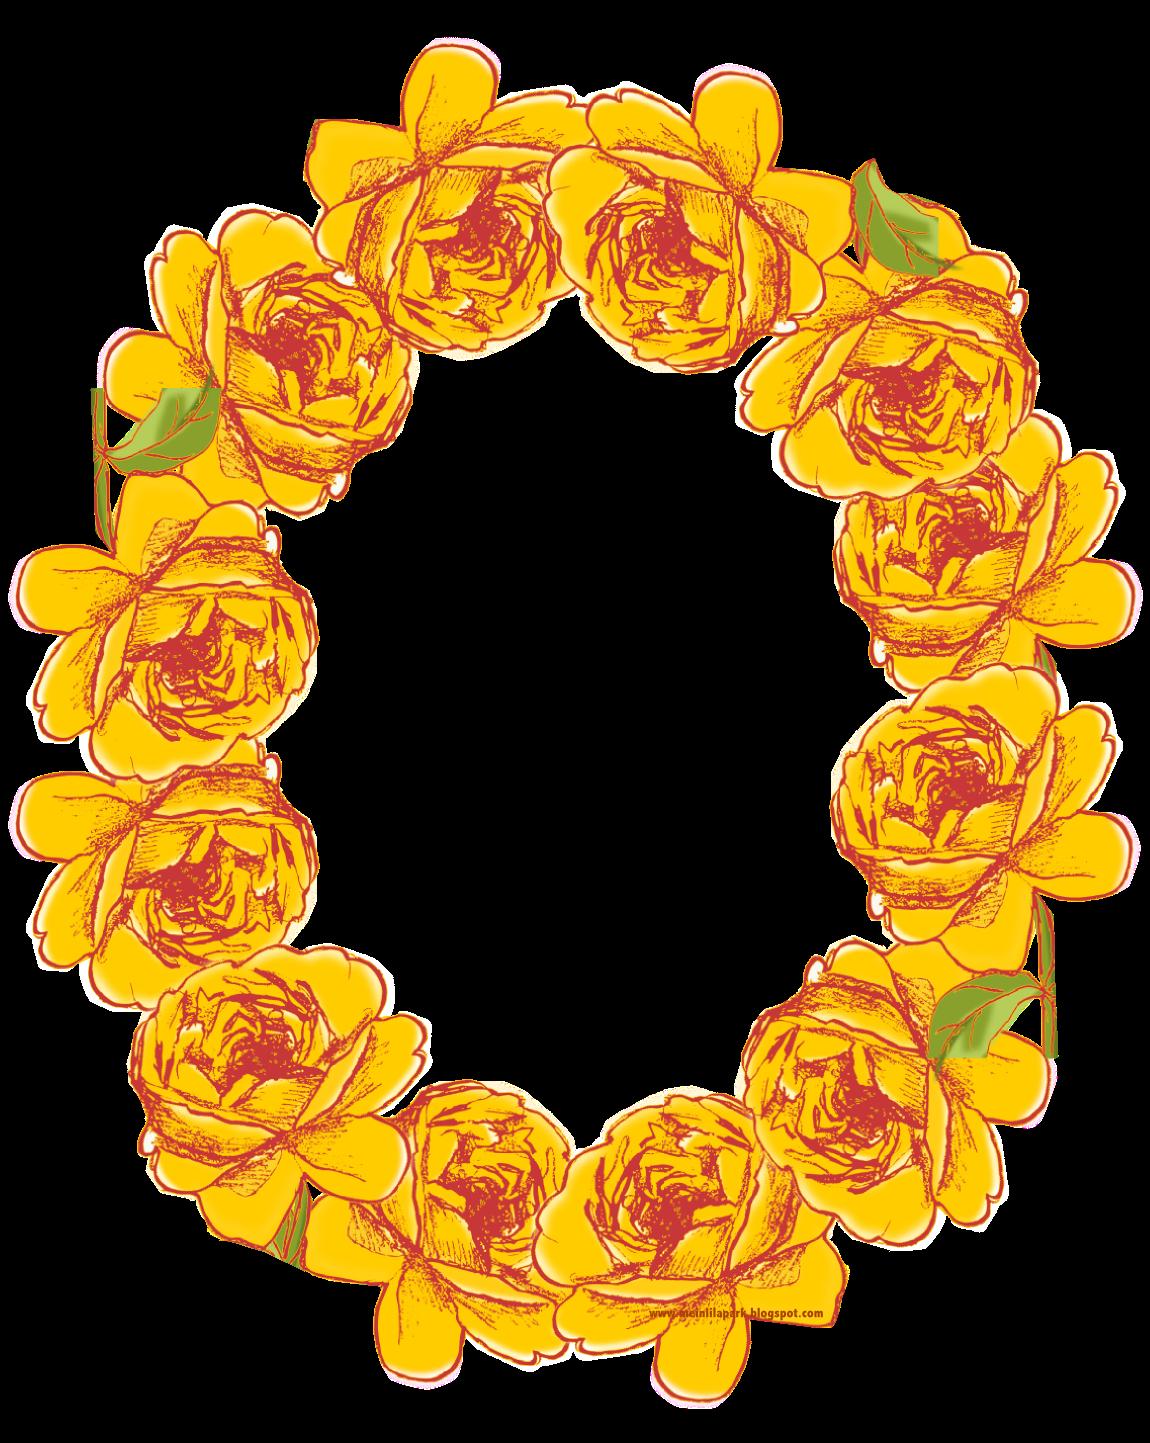 free digital oval flower frame in vintage style - ovaler ...